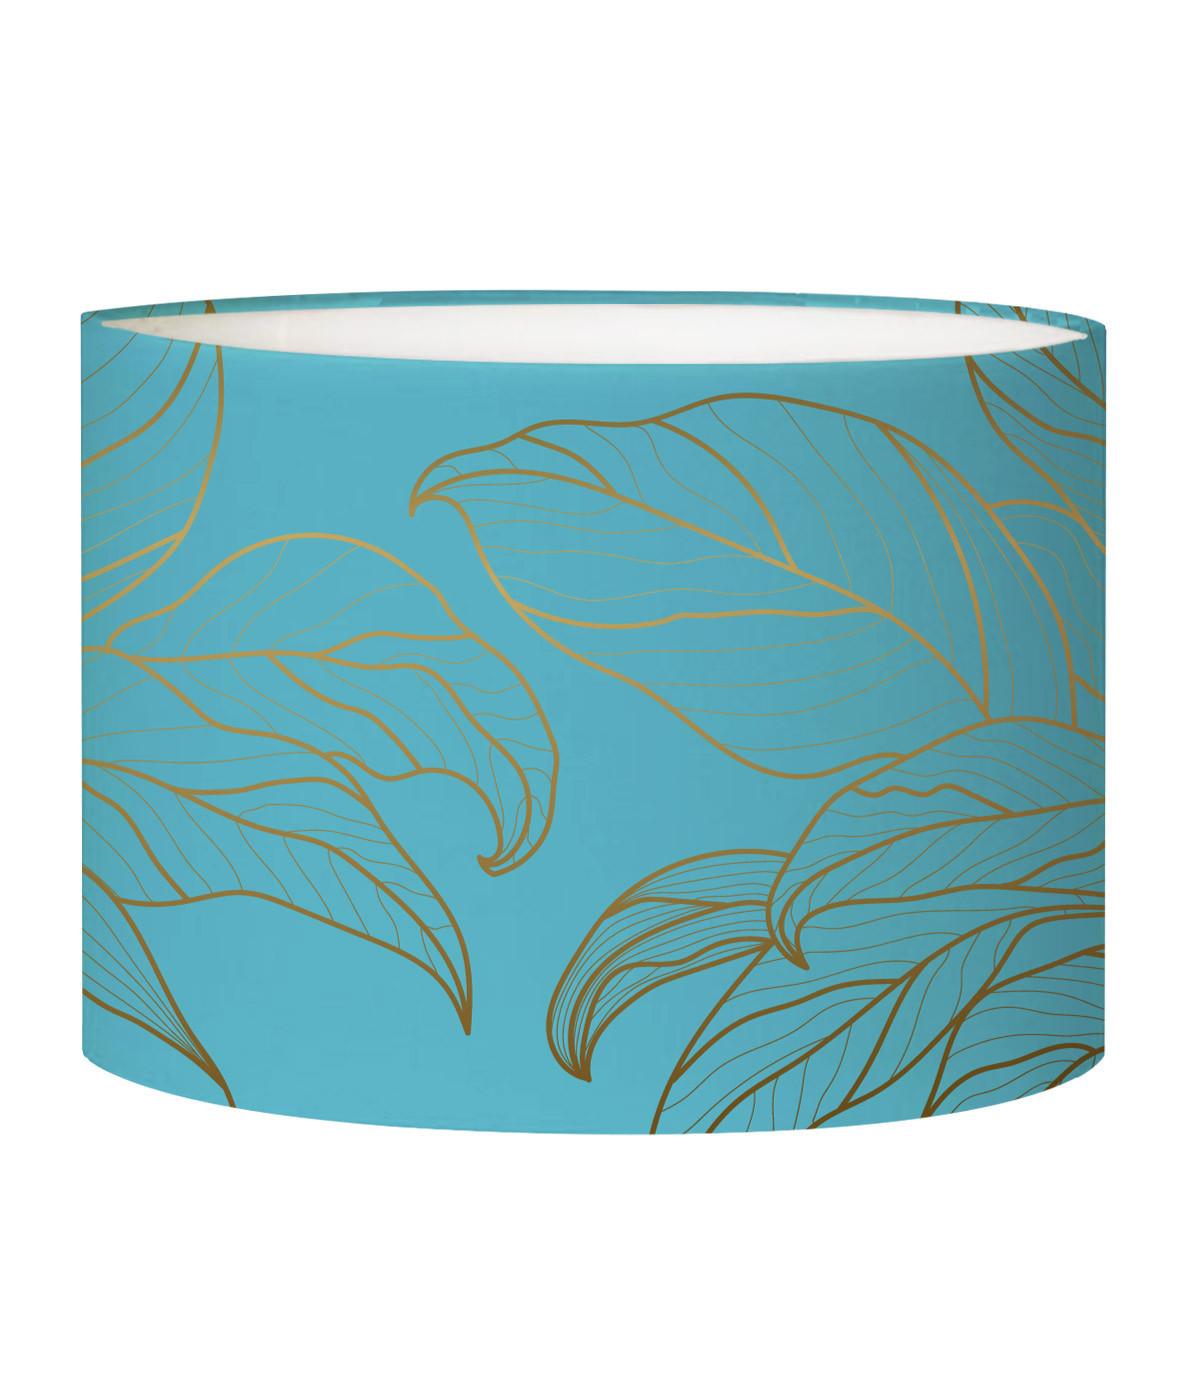 Abat-jour lampadaire bleu acidulé d 45 cm